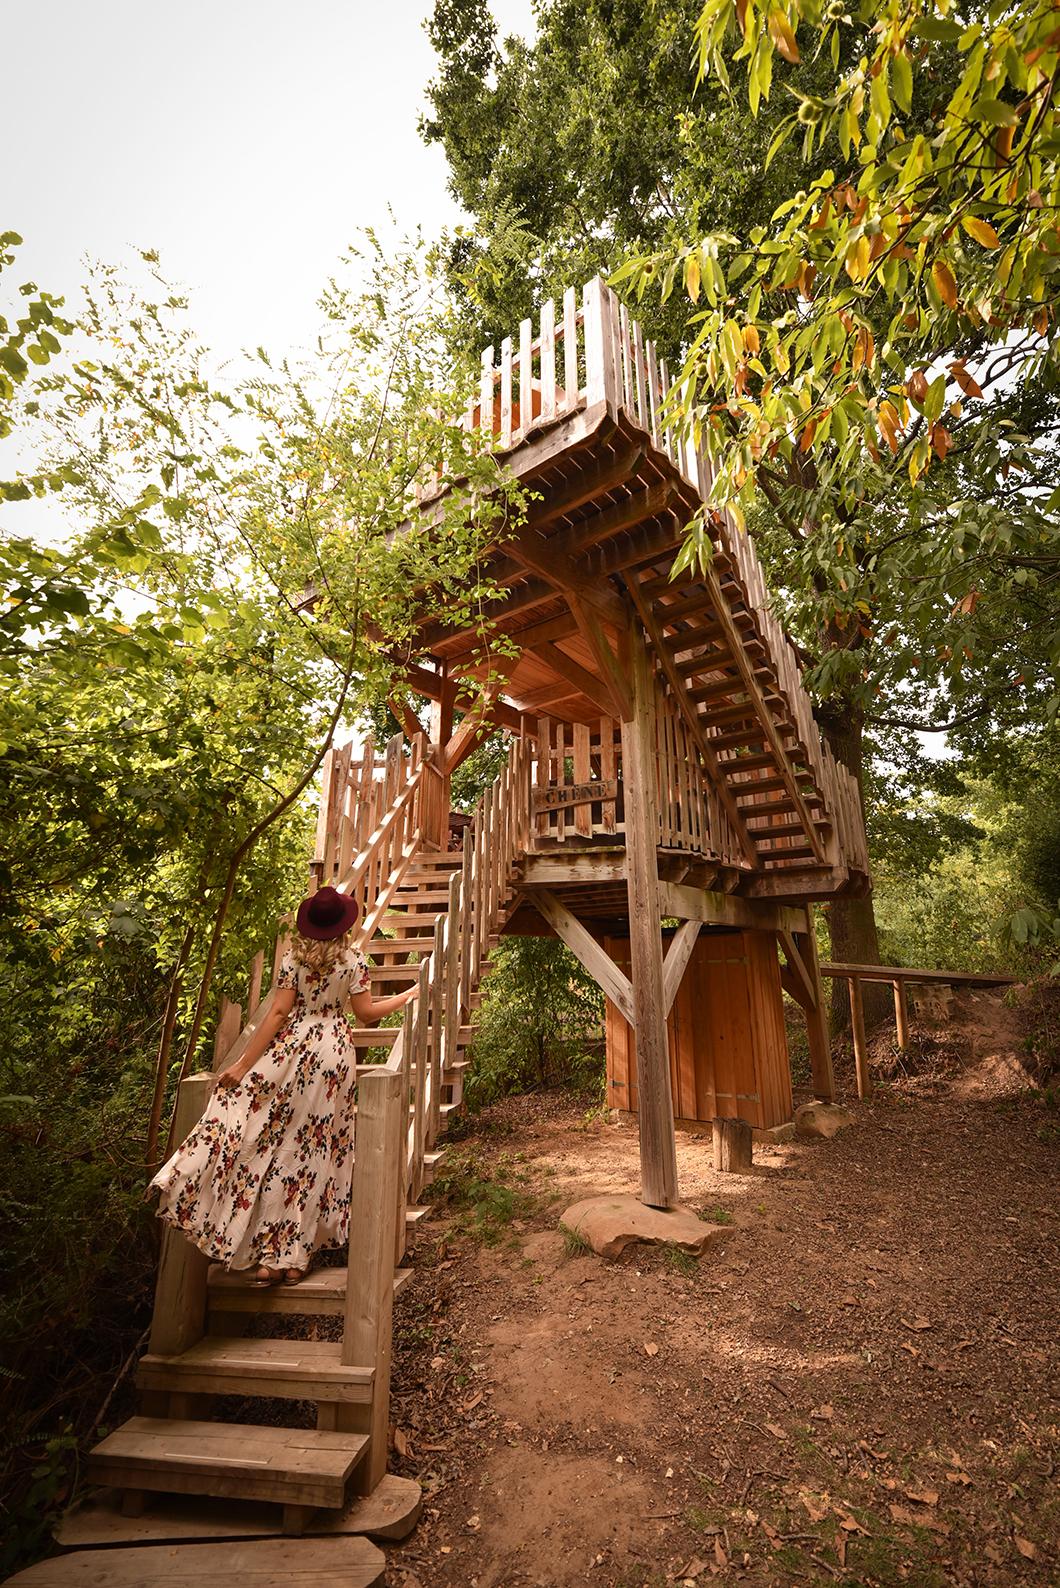 Dormir dans une cabane perchée dans les bois à côté de Paris